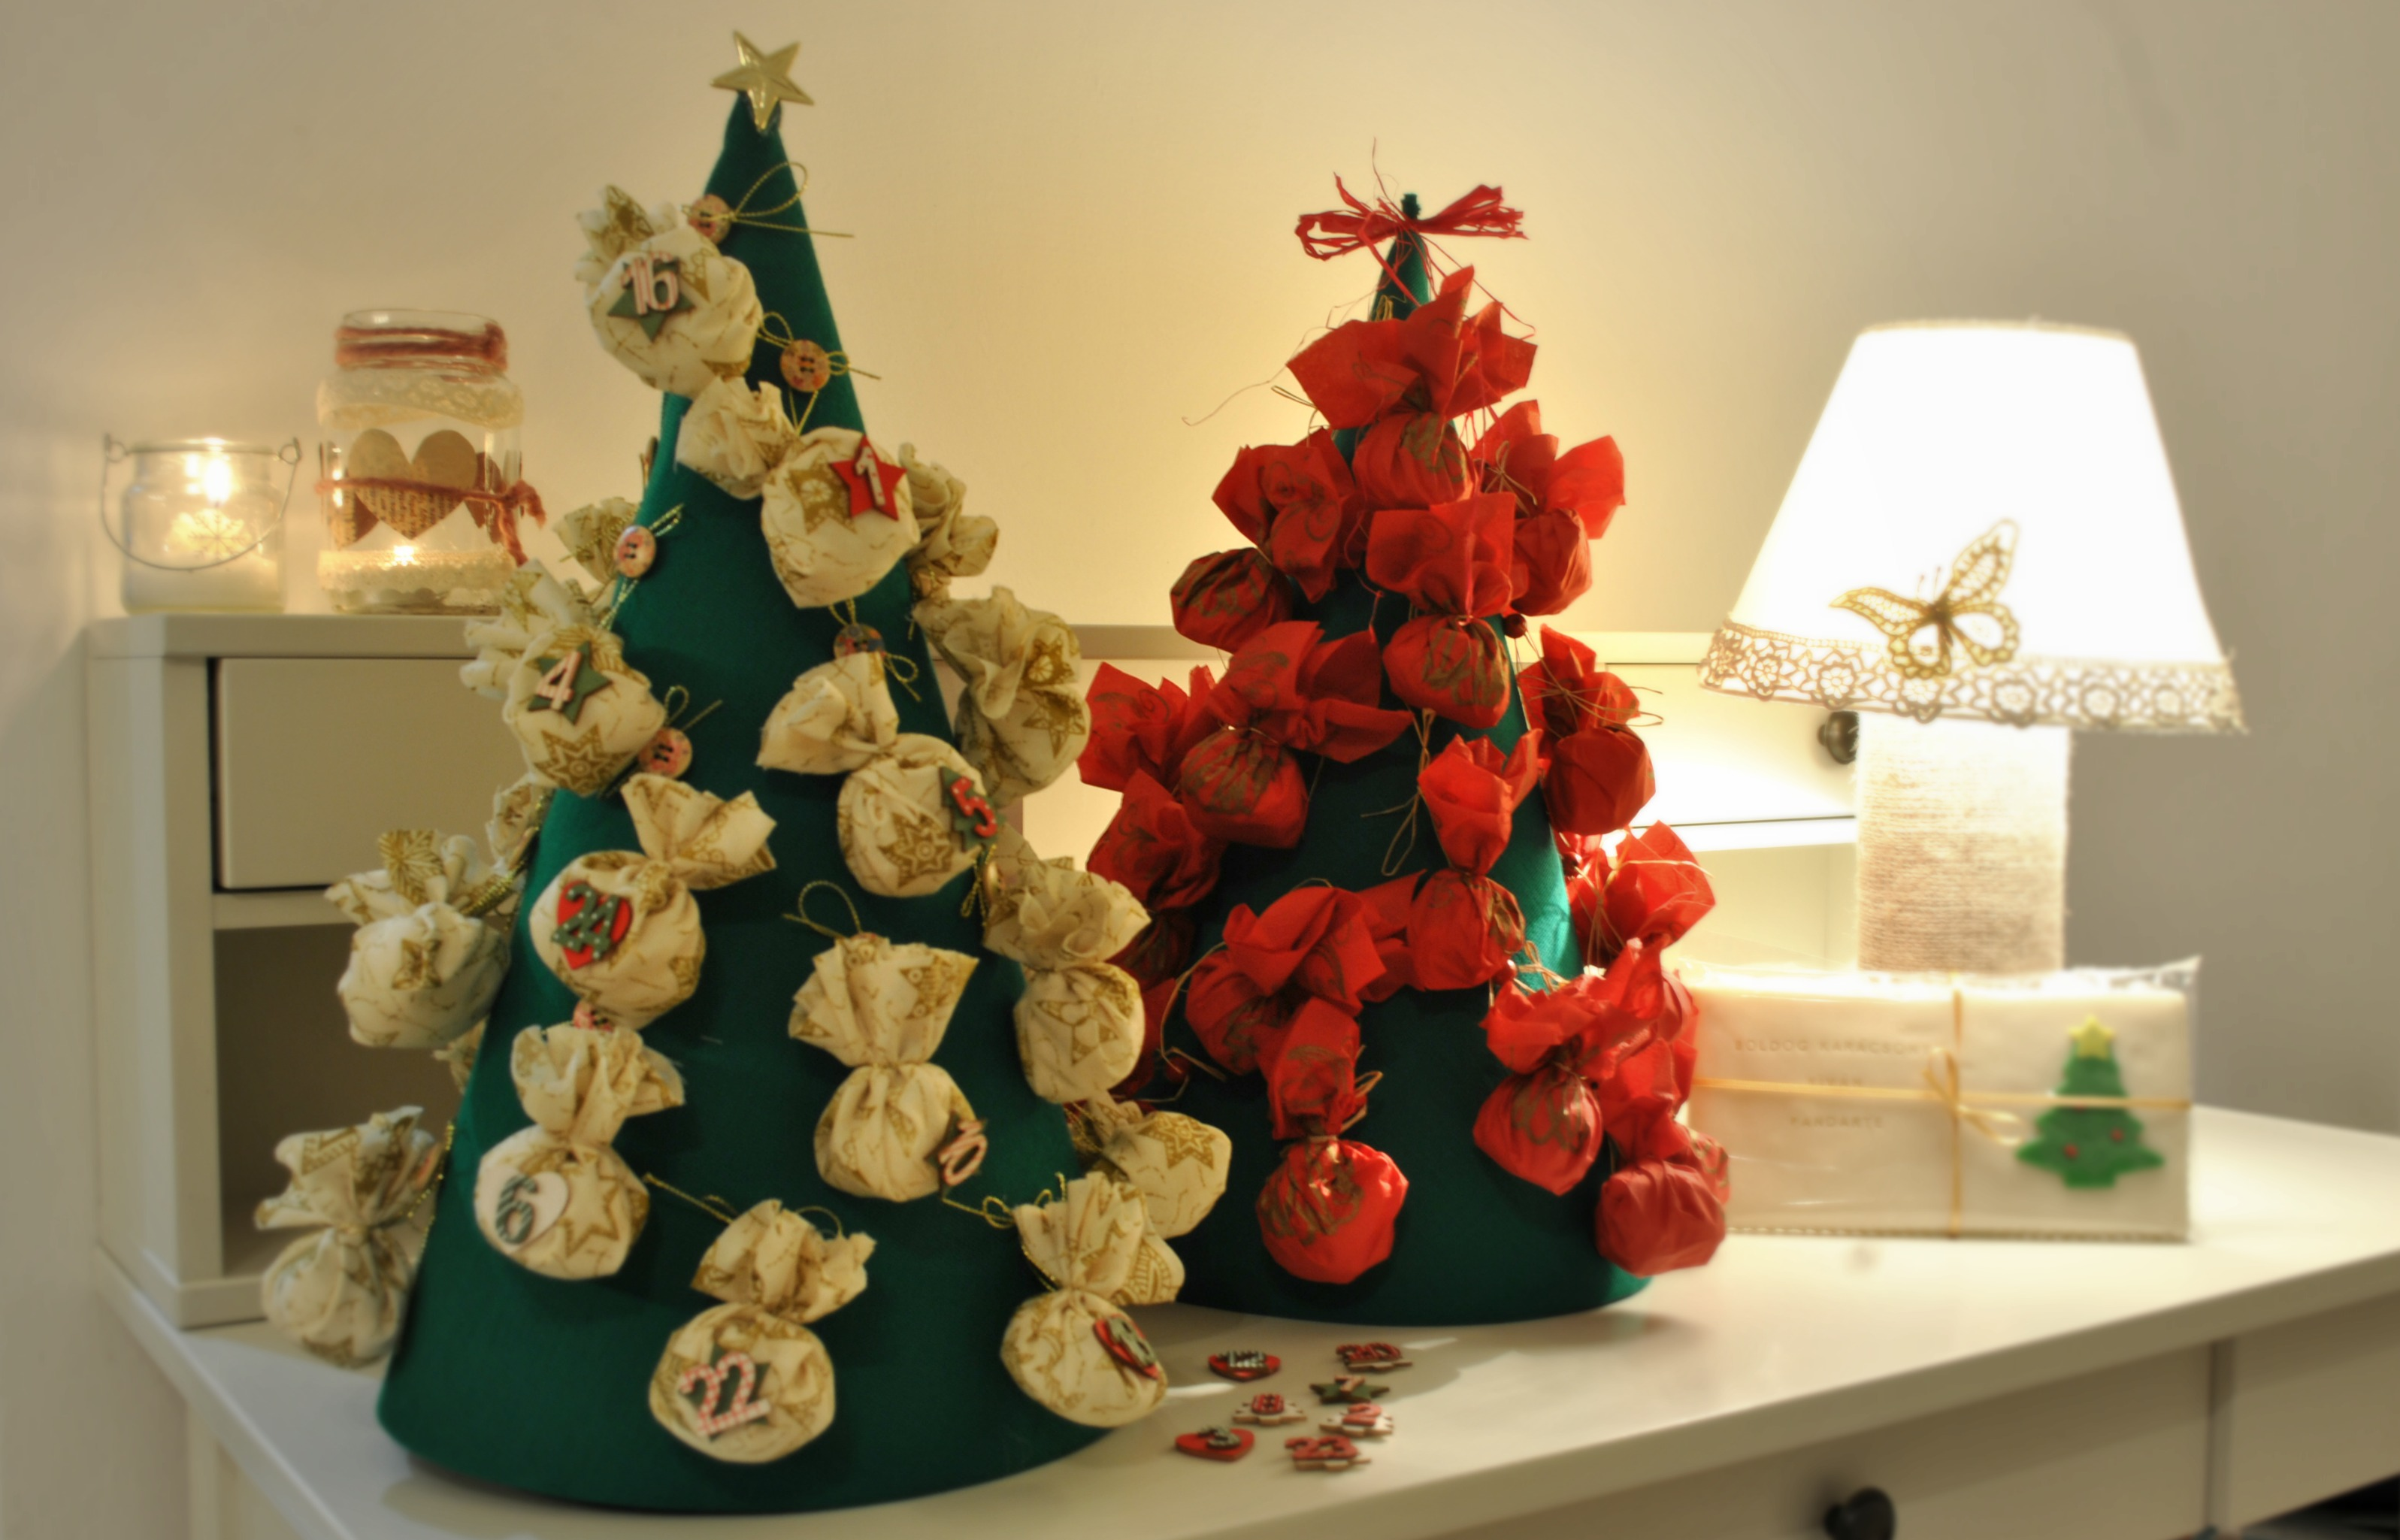 naptár készítés karácsonyra Karácsonyi PandArte workshopok   PandArte naptár készítés karácsonyra